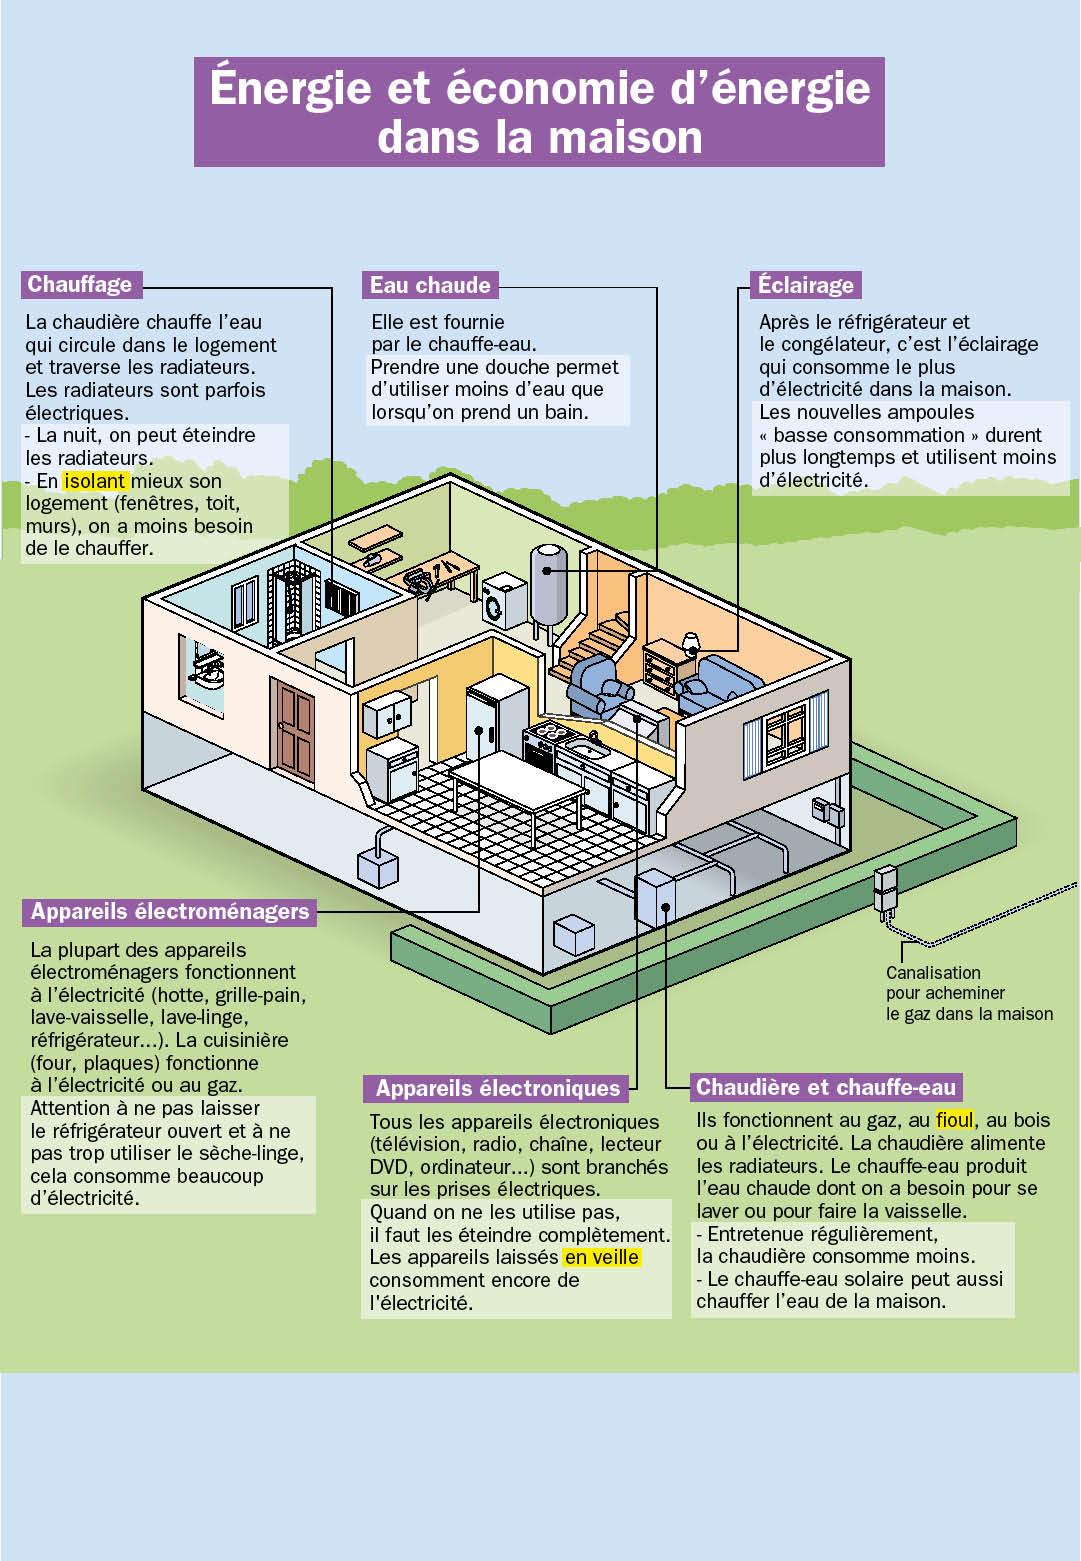 Énergie et économie d'énergie dans la maison   fiches exposés mon